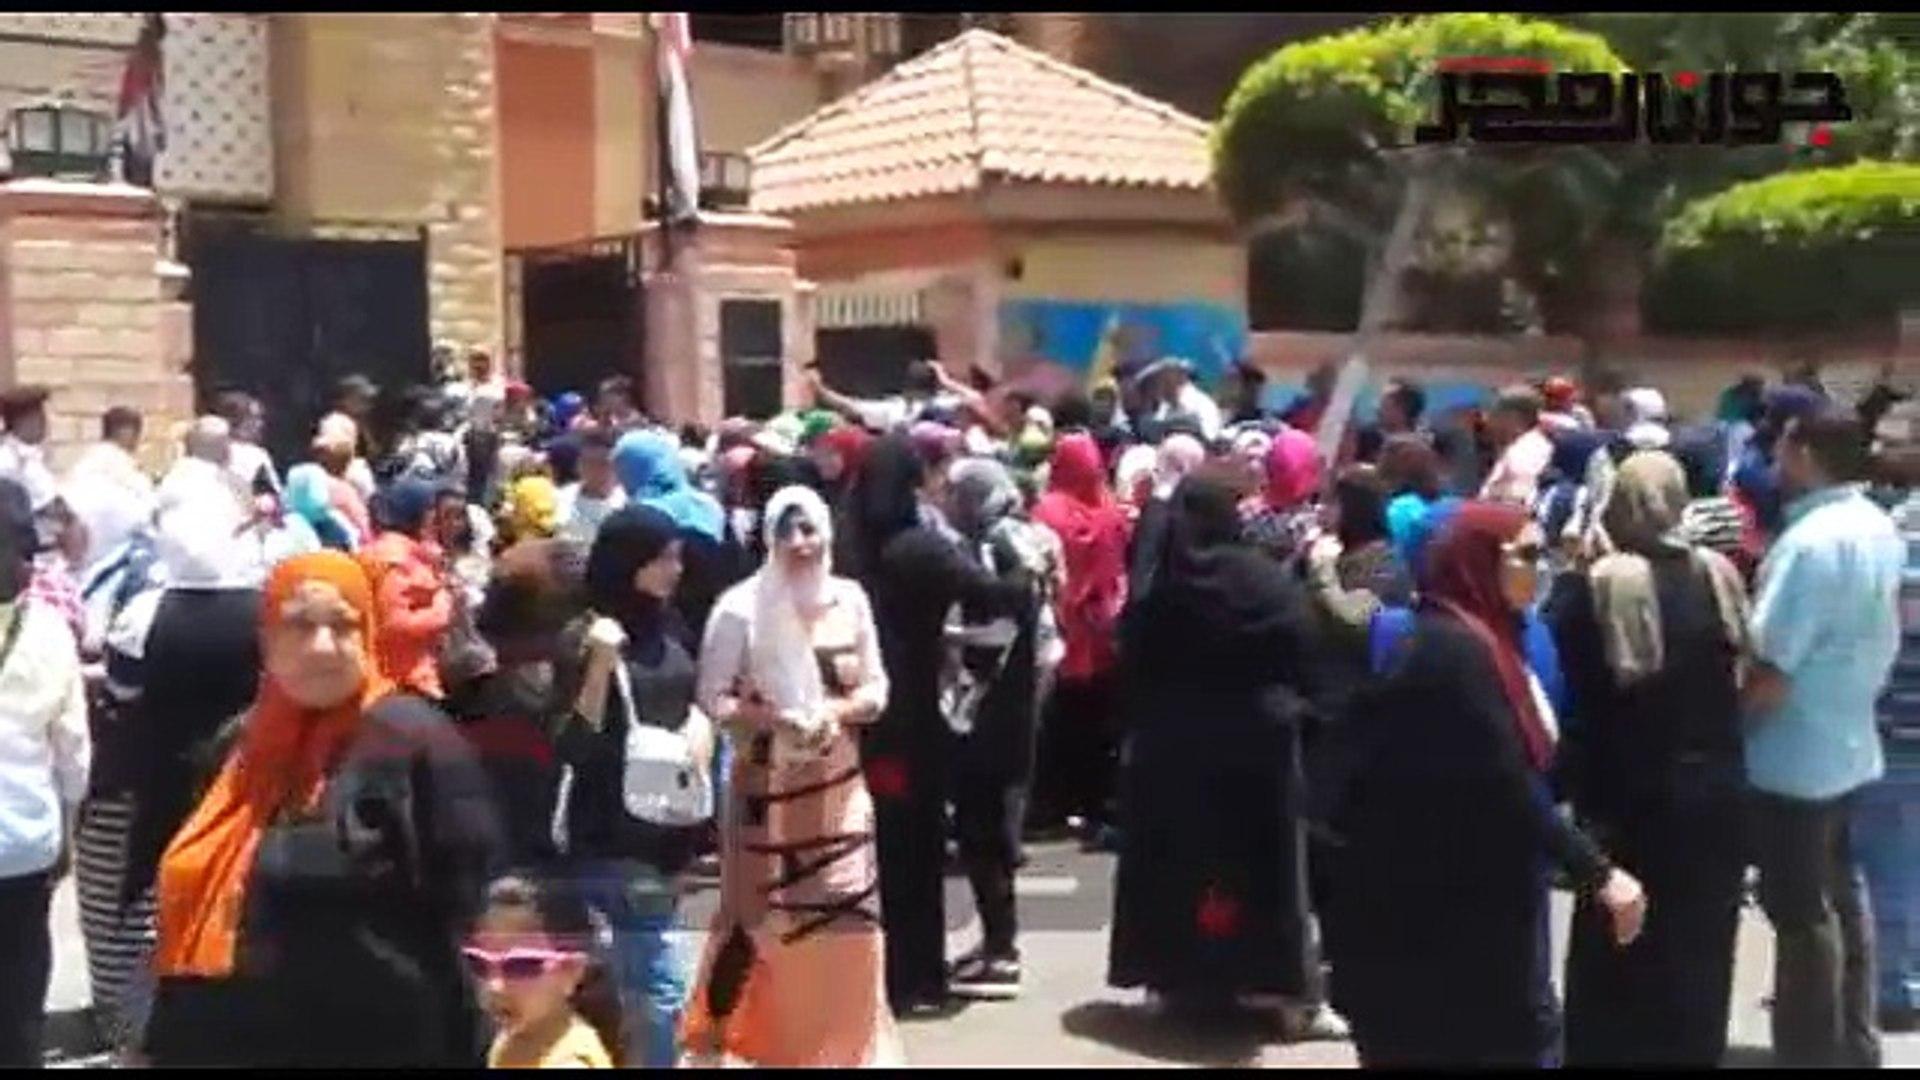 طلاب الثانوية العامة ببورسعيد: امتحان اللغة الانجليزية فوق مستوي الطالب المتوسط